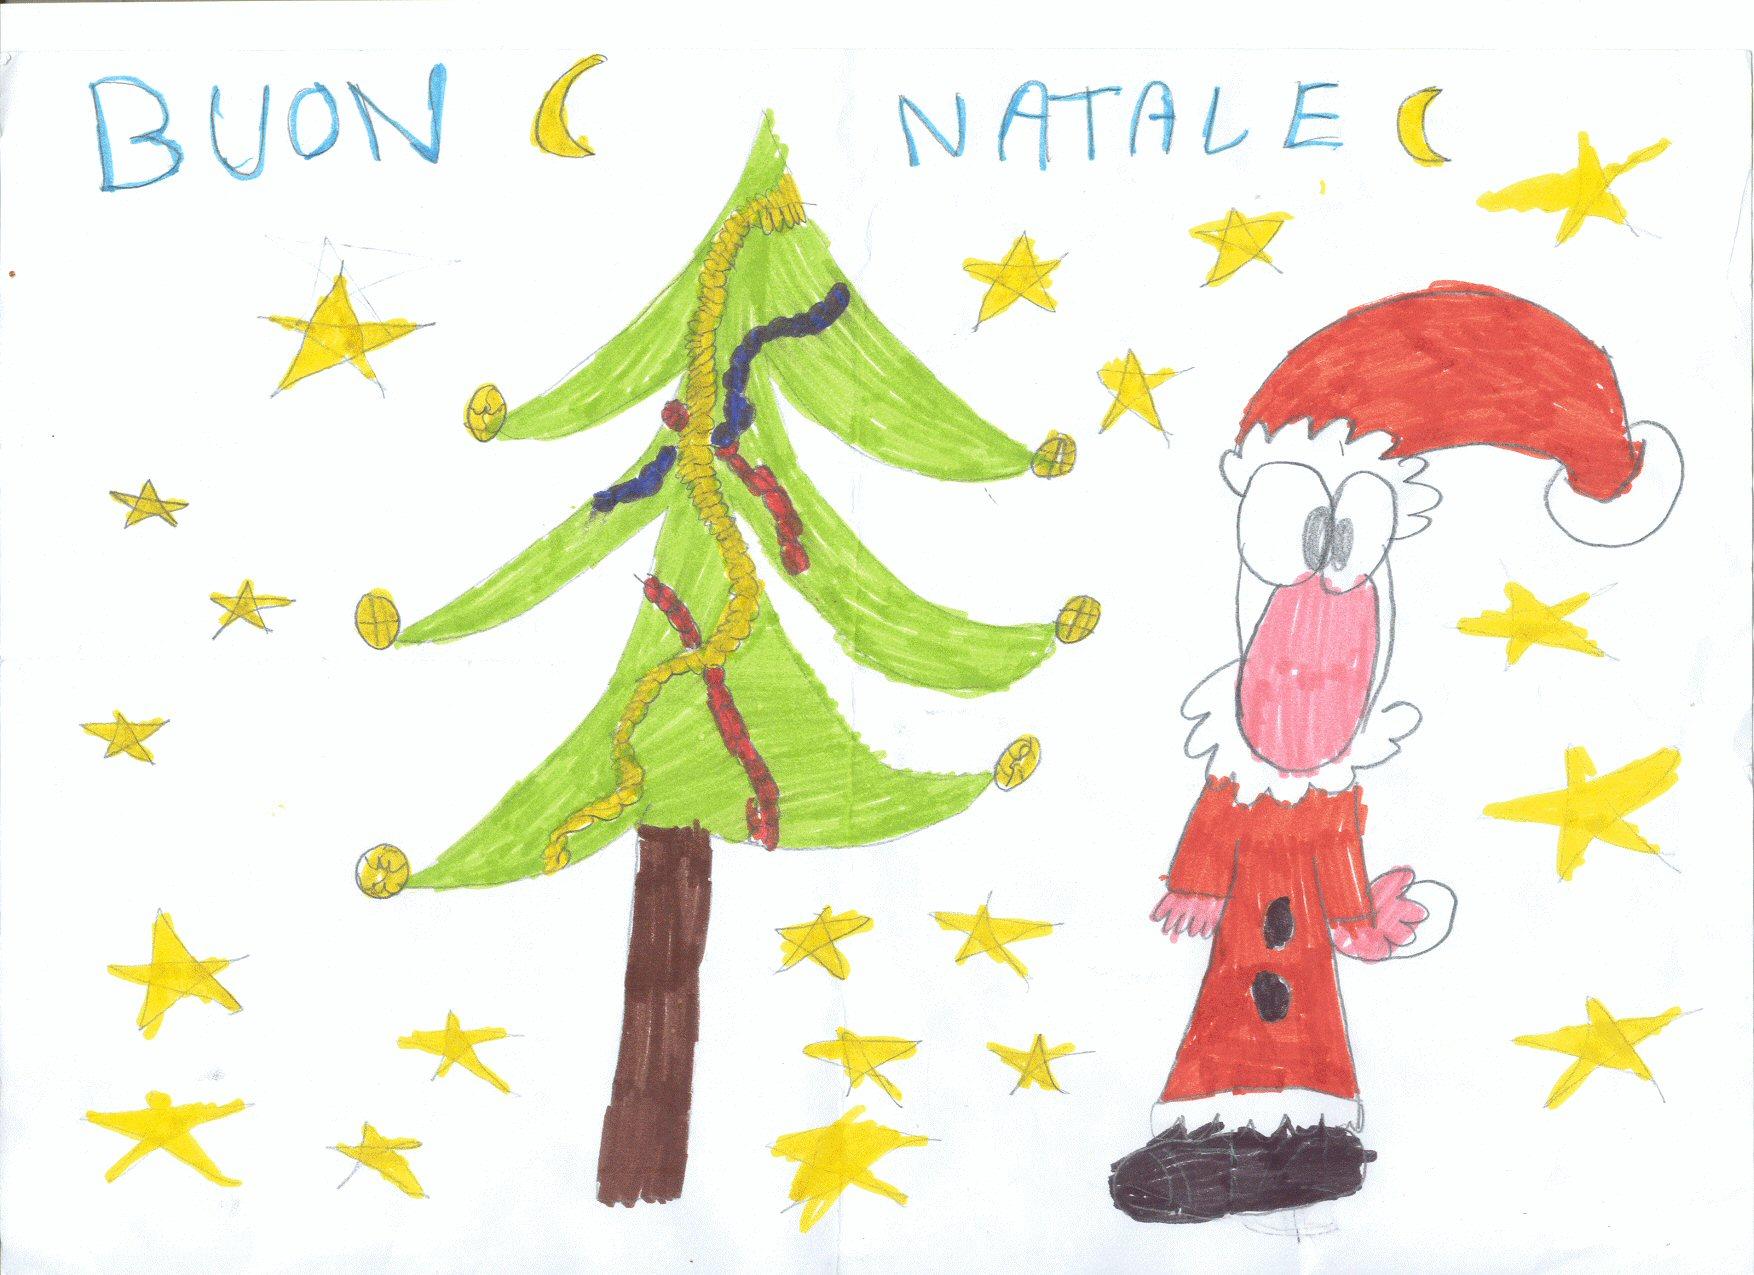 Disegno Buon Natale